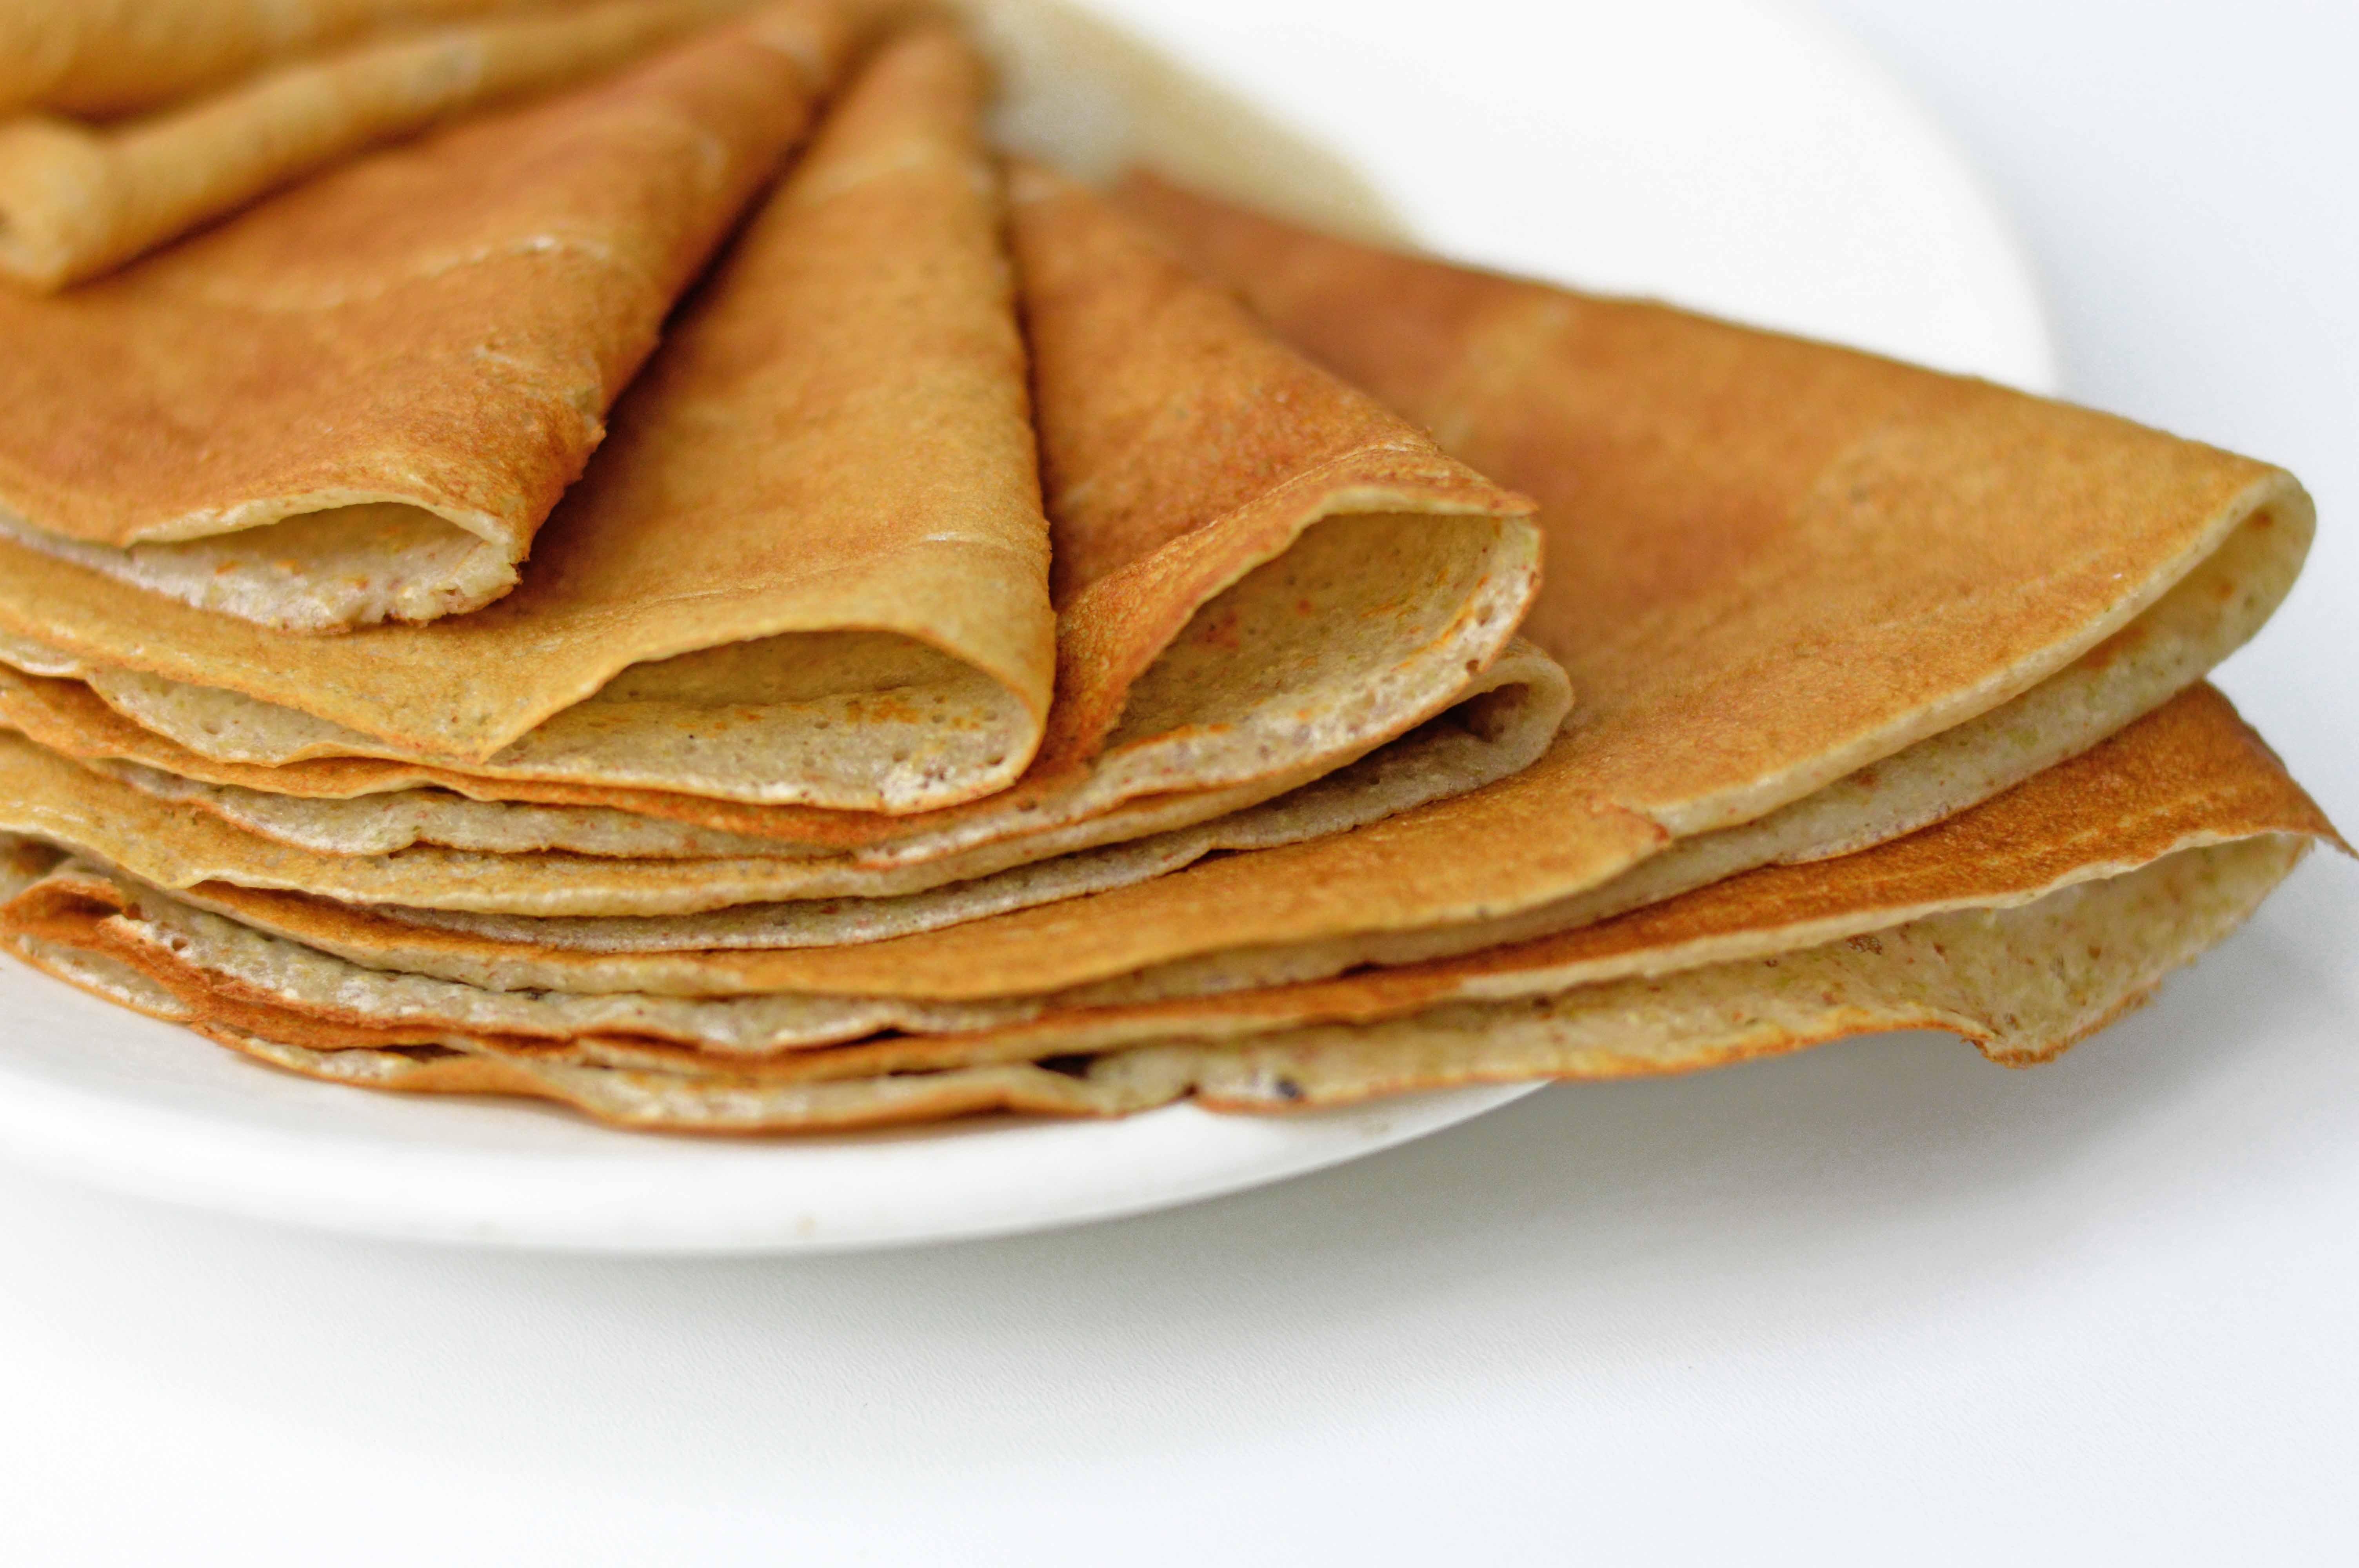 Recetas fáciles: 40 meriendas saludables y deliciosas para